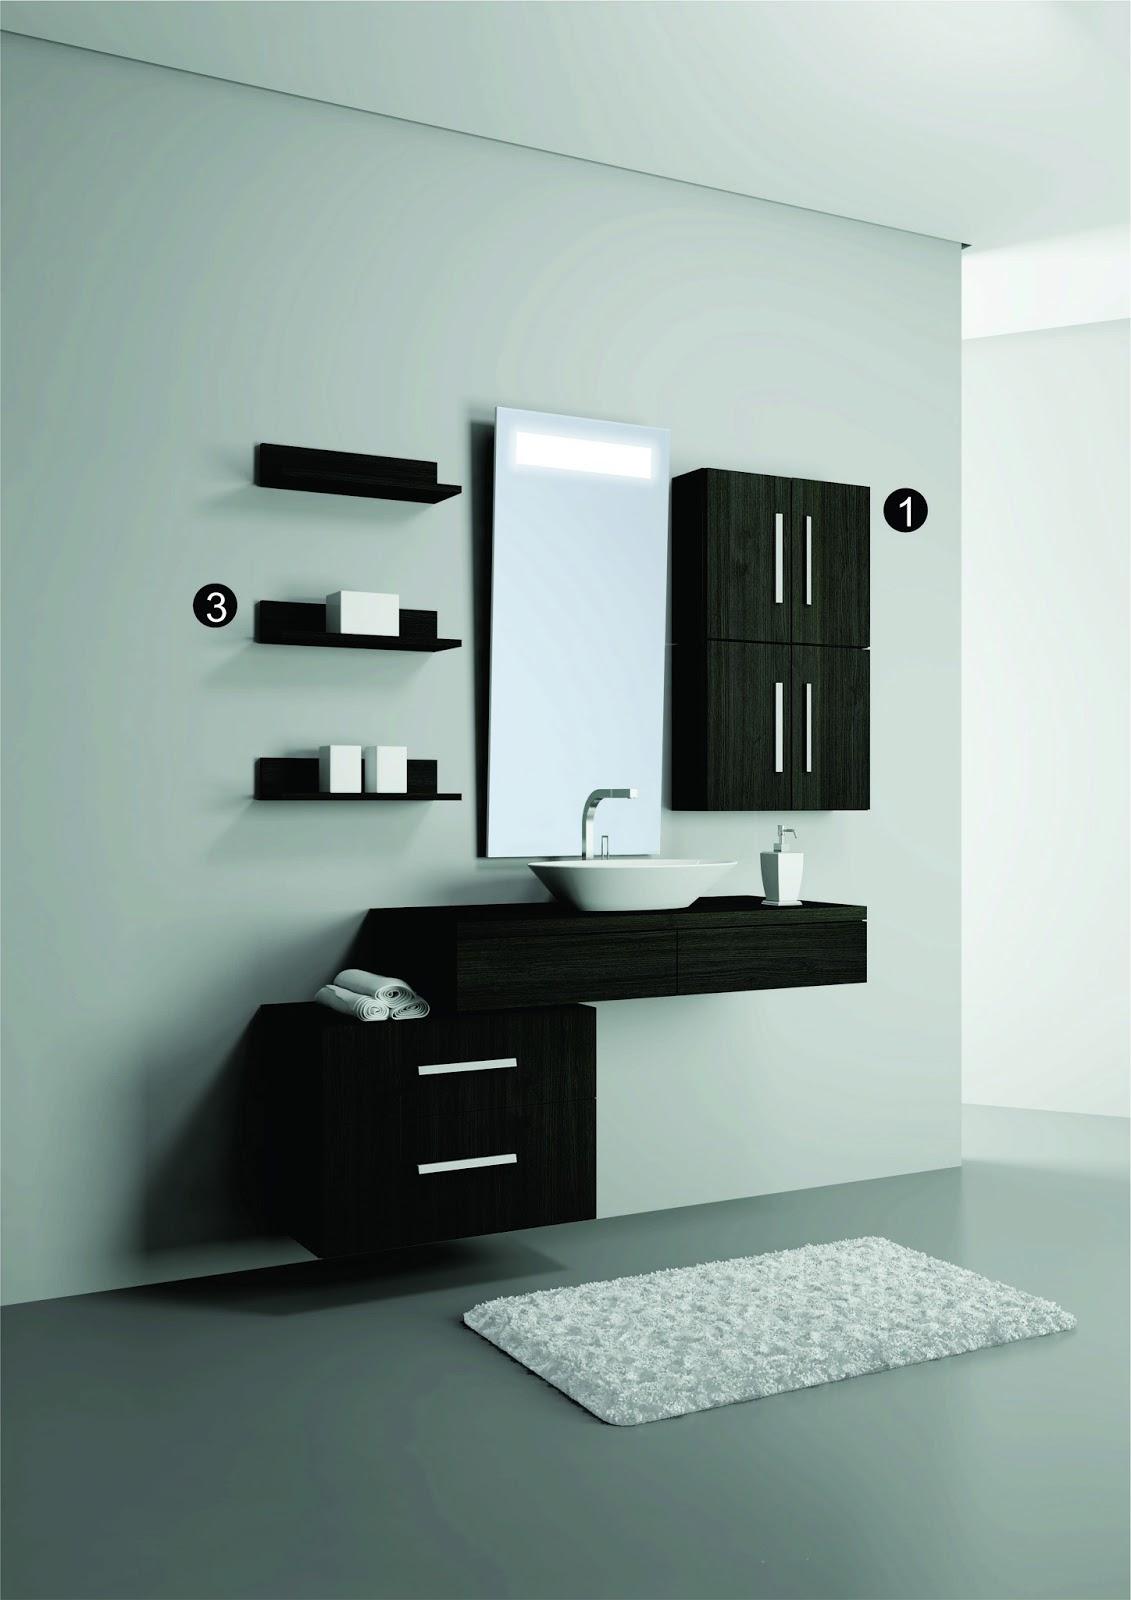 Banheiros com Estilo: Organização e Praticidade #54776E 1131 1600